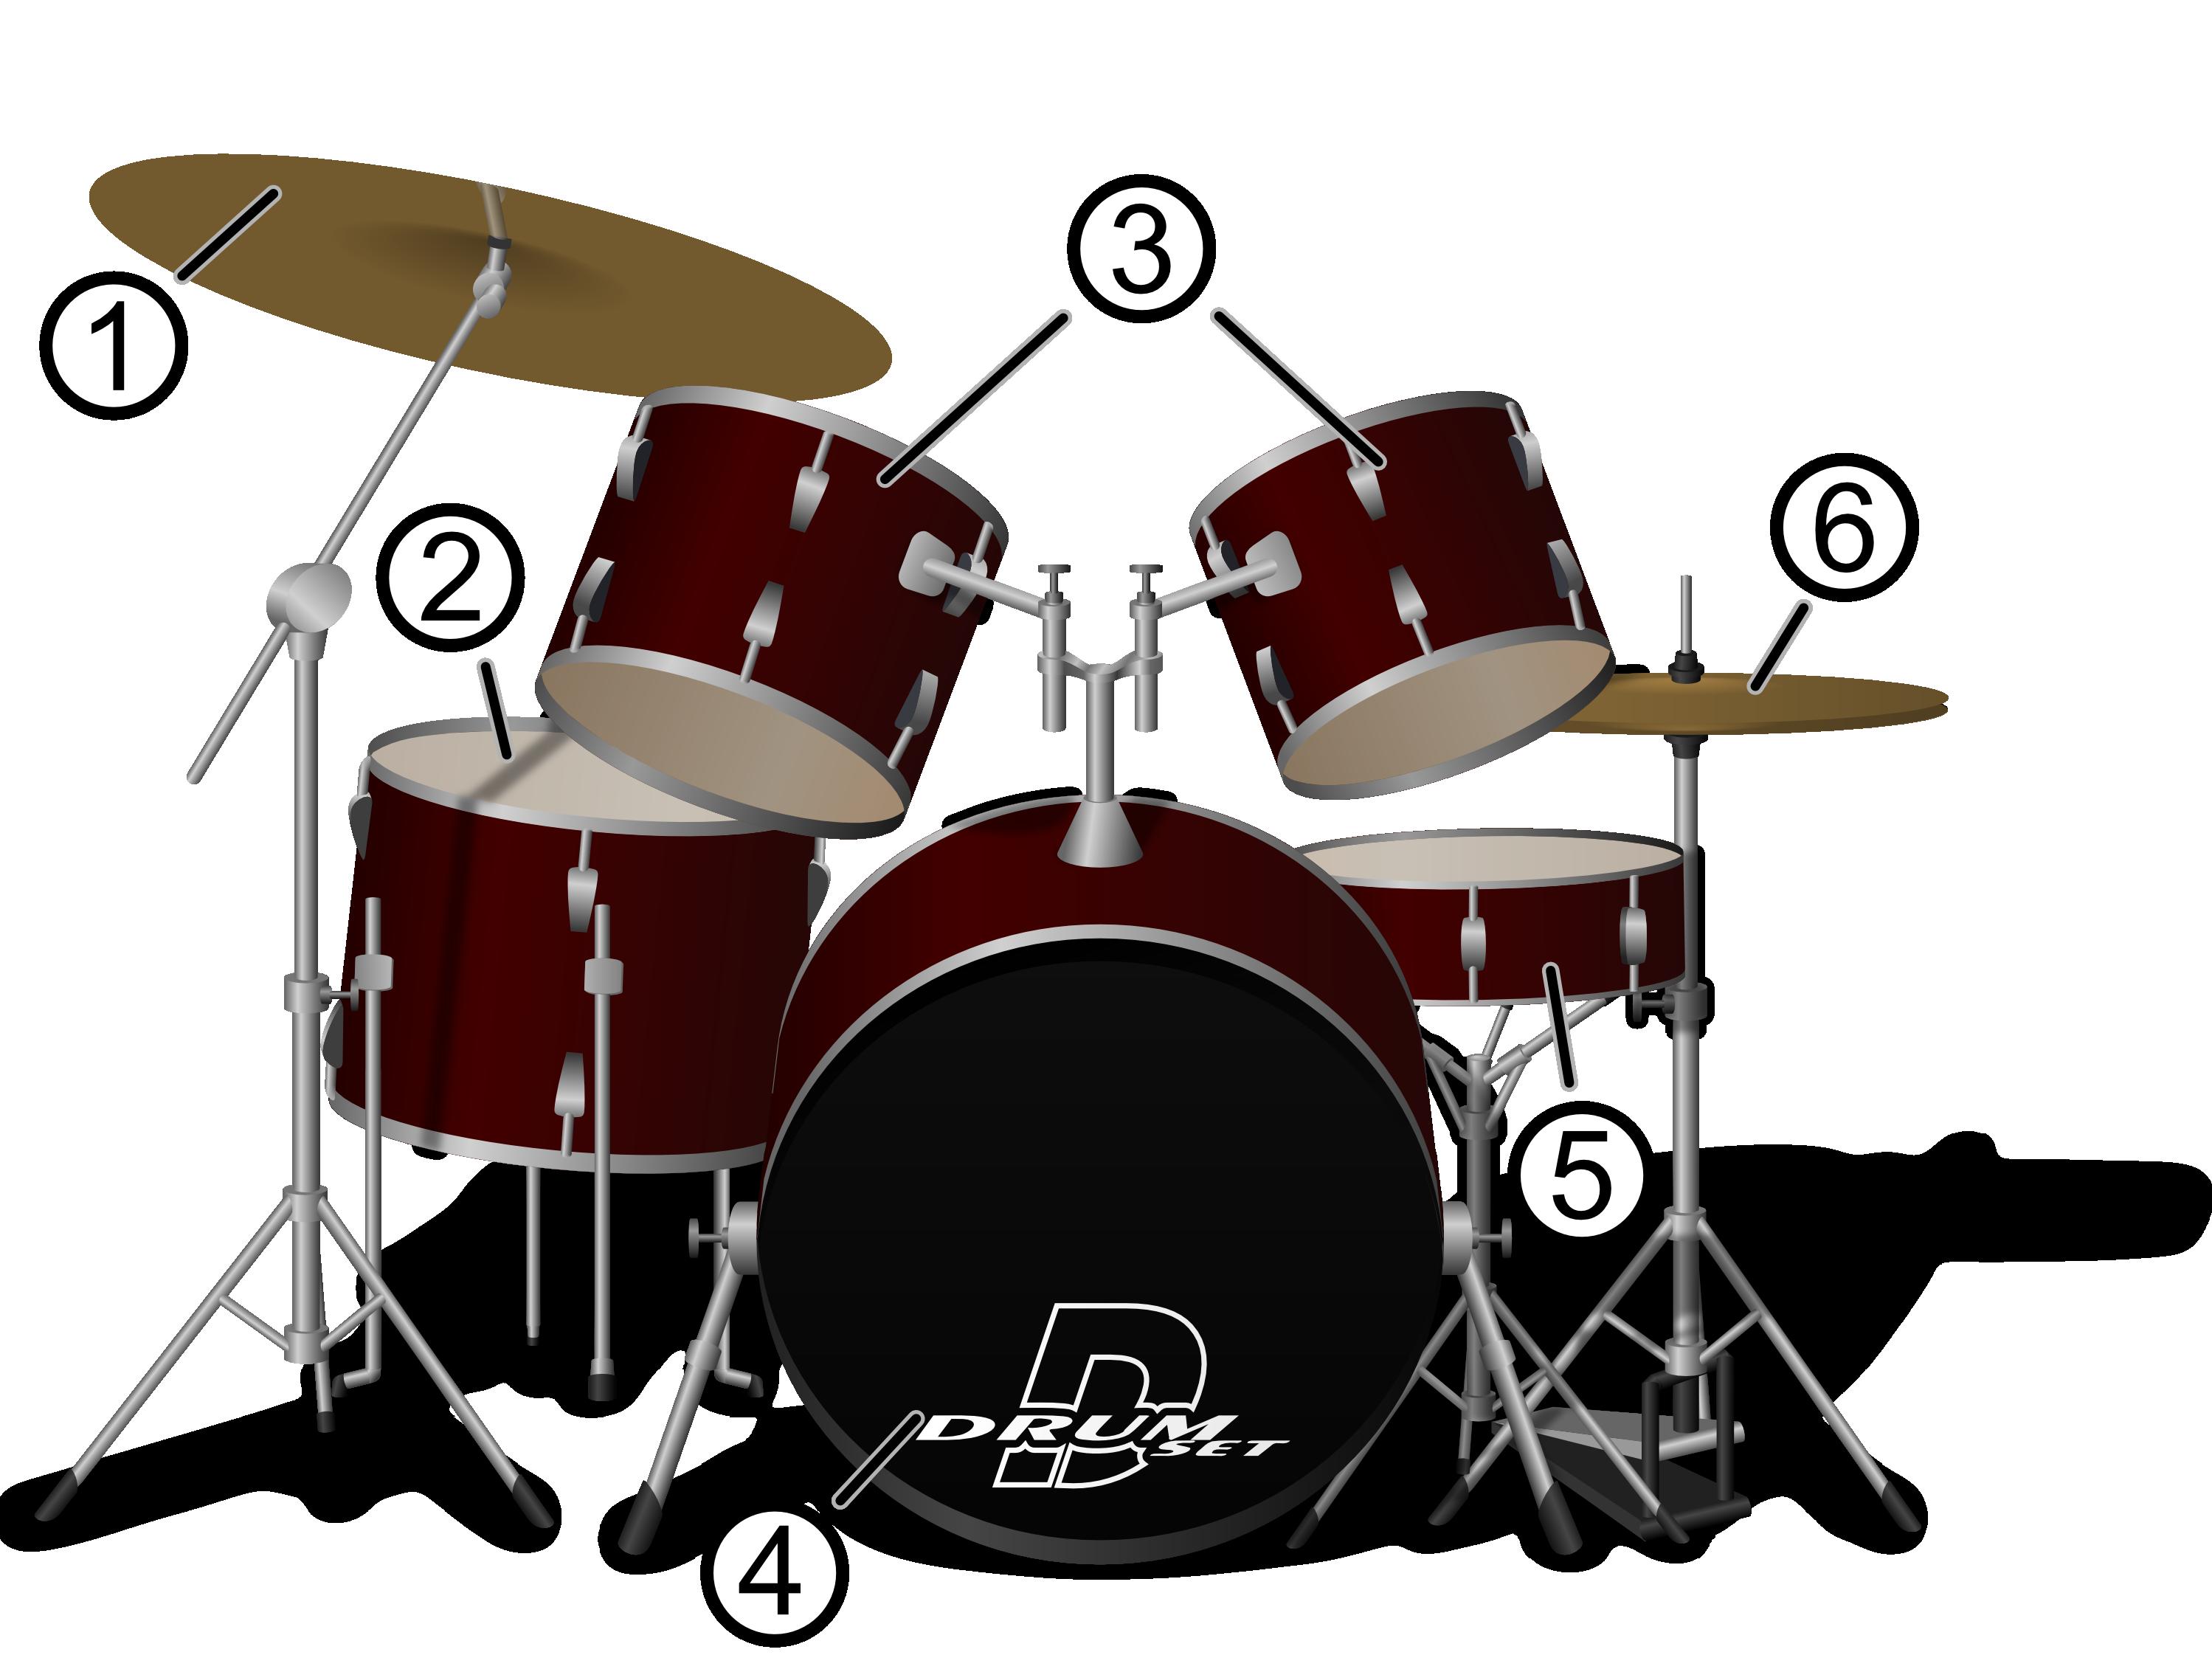 Drum png transparent images. Drums clipart file